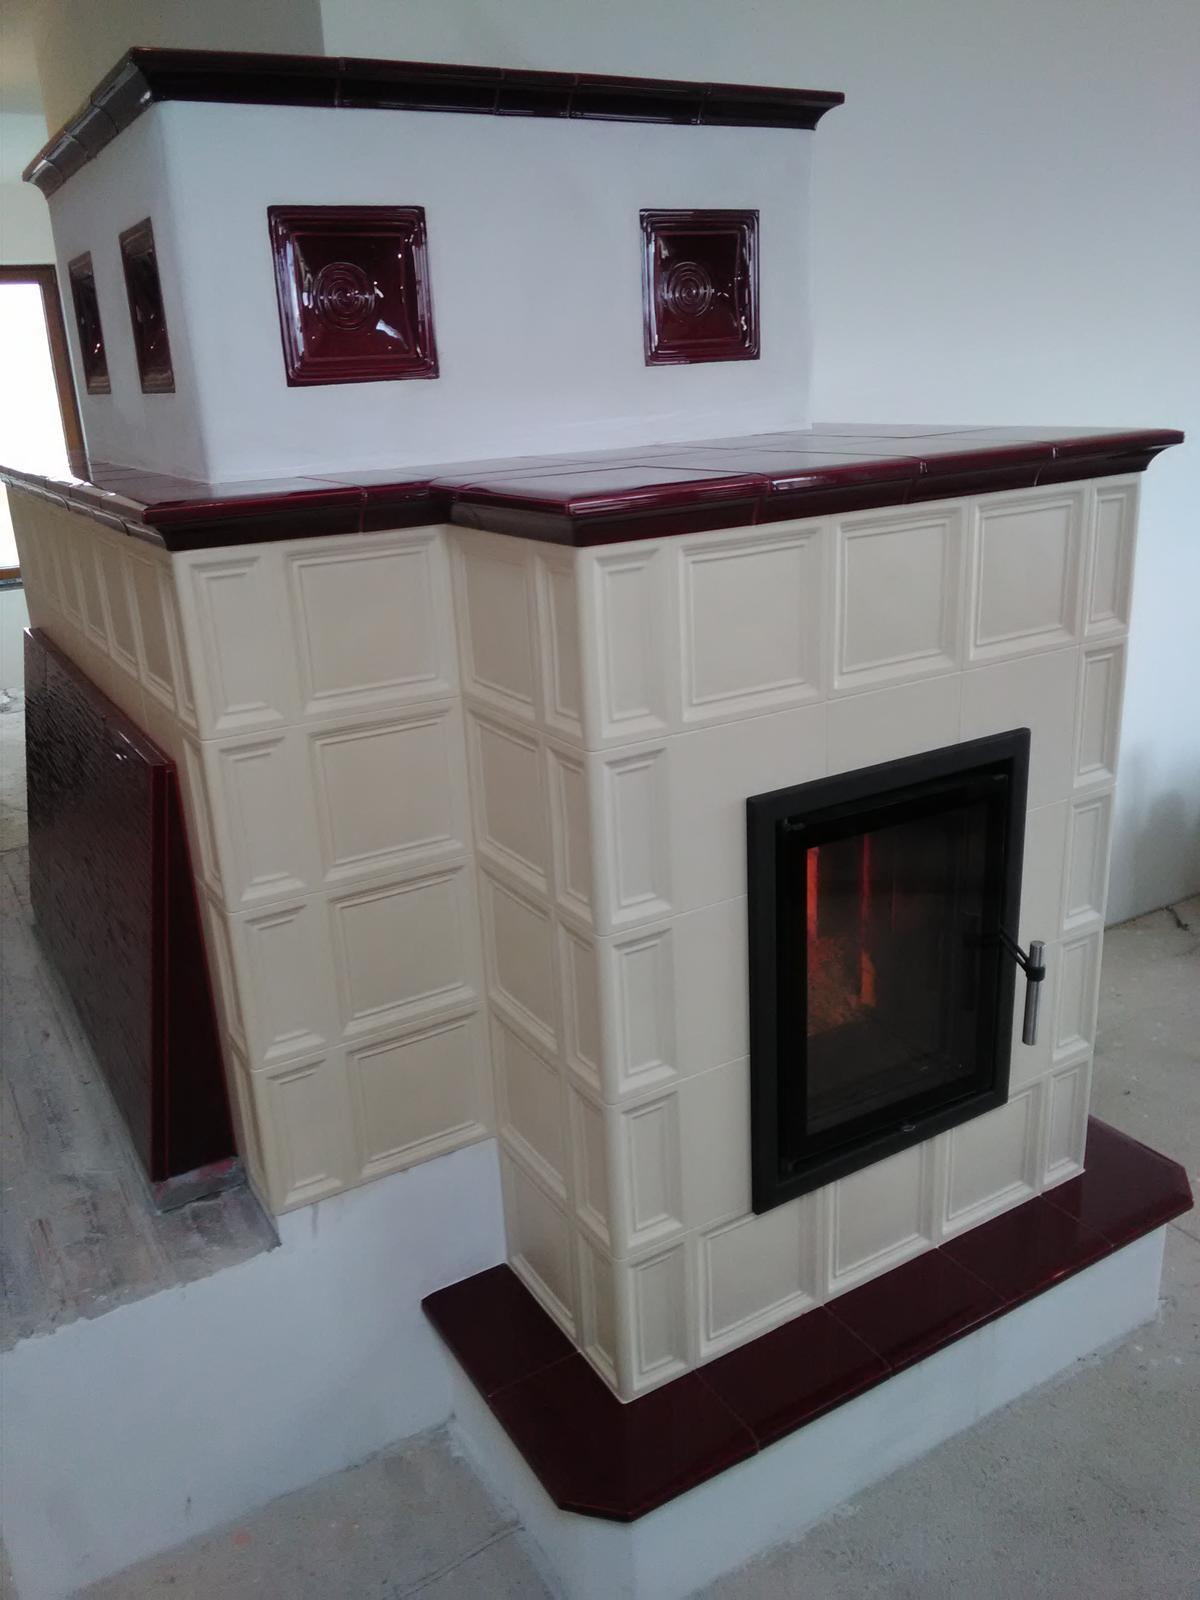 Kachľová pec - Ťažká akumulačná kachľová pec, keramika HEIN, prikladacie dvierka JOKR - dvojsklo.